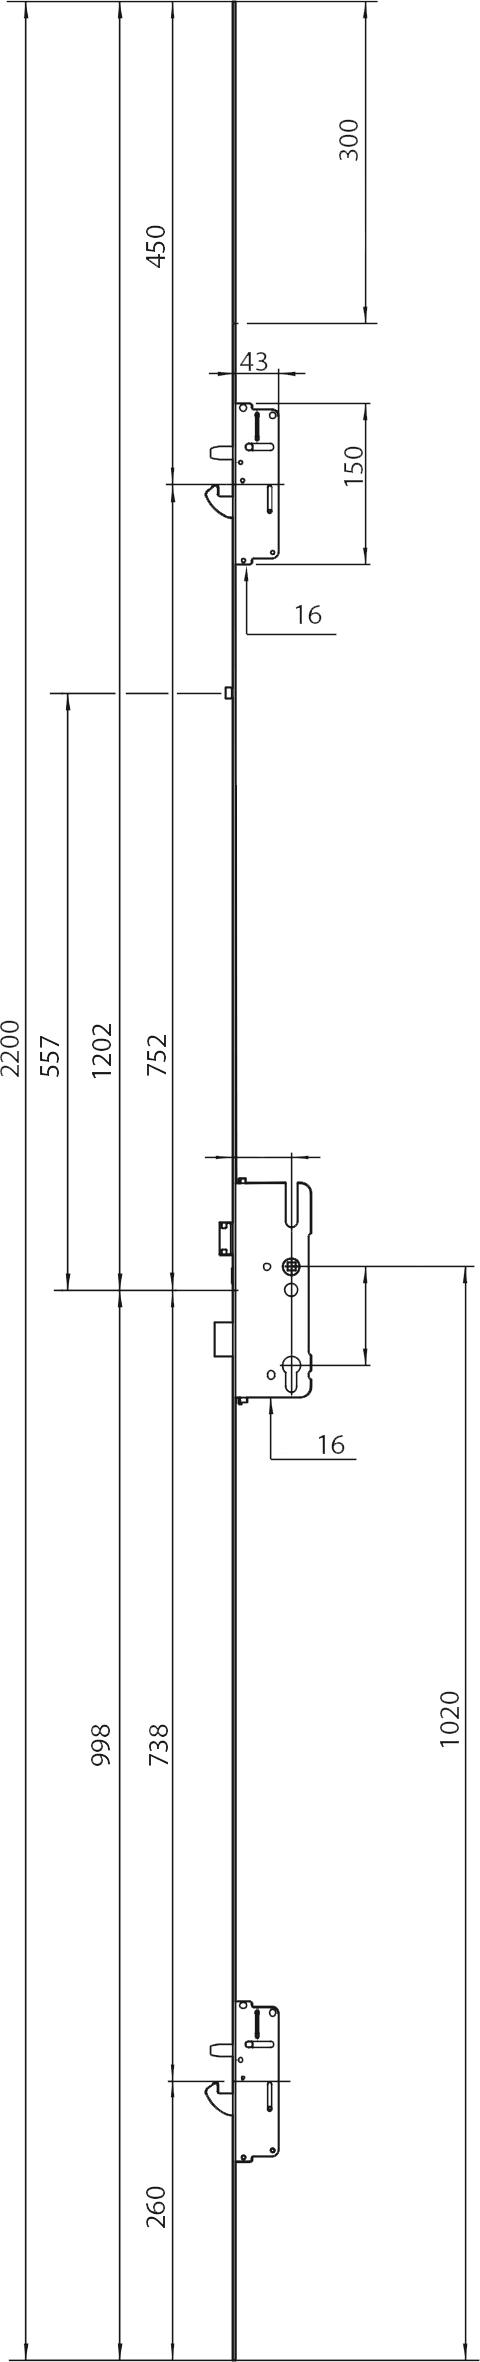 CHAPA TESTA CENTRAL 7765 P/FECHADURA AUTOMATICA